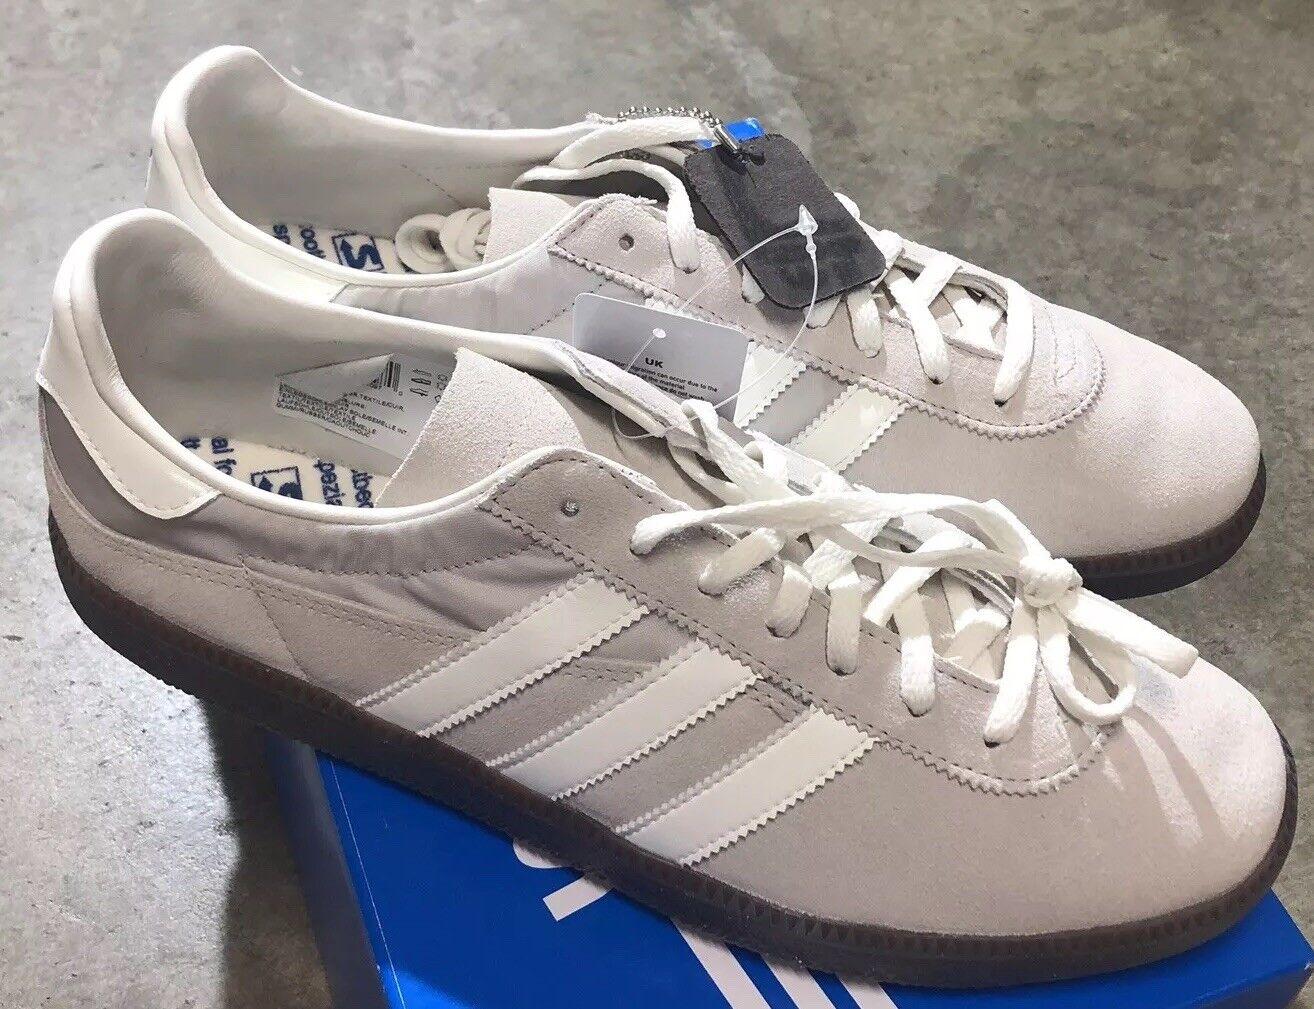 Adidas Gt Wensley Spzl blancoo Marrón Granito Nuevo en Caja Cg2925